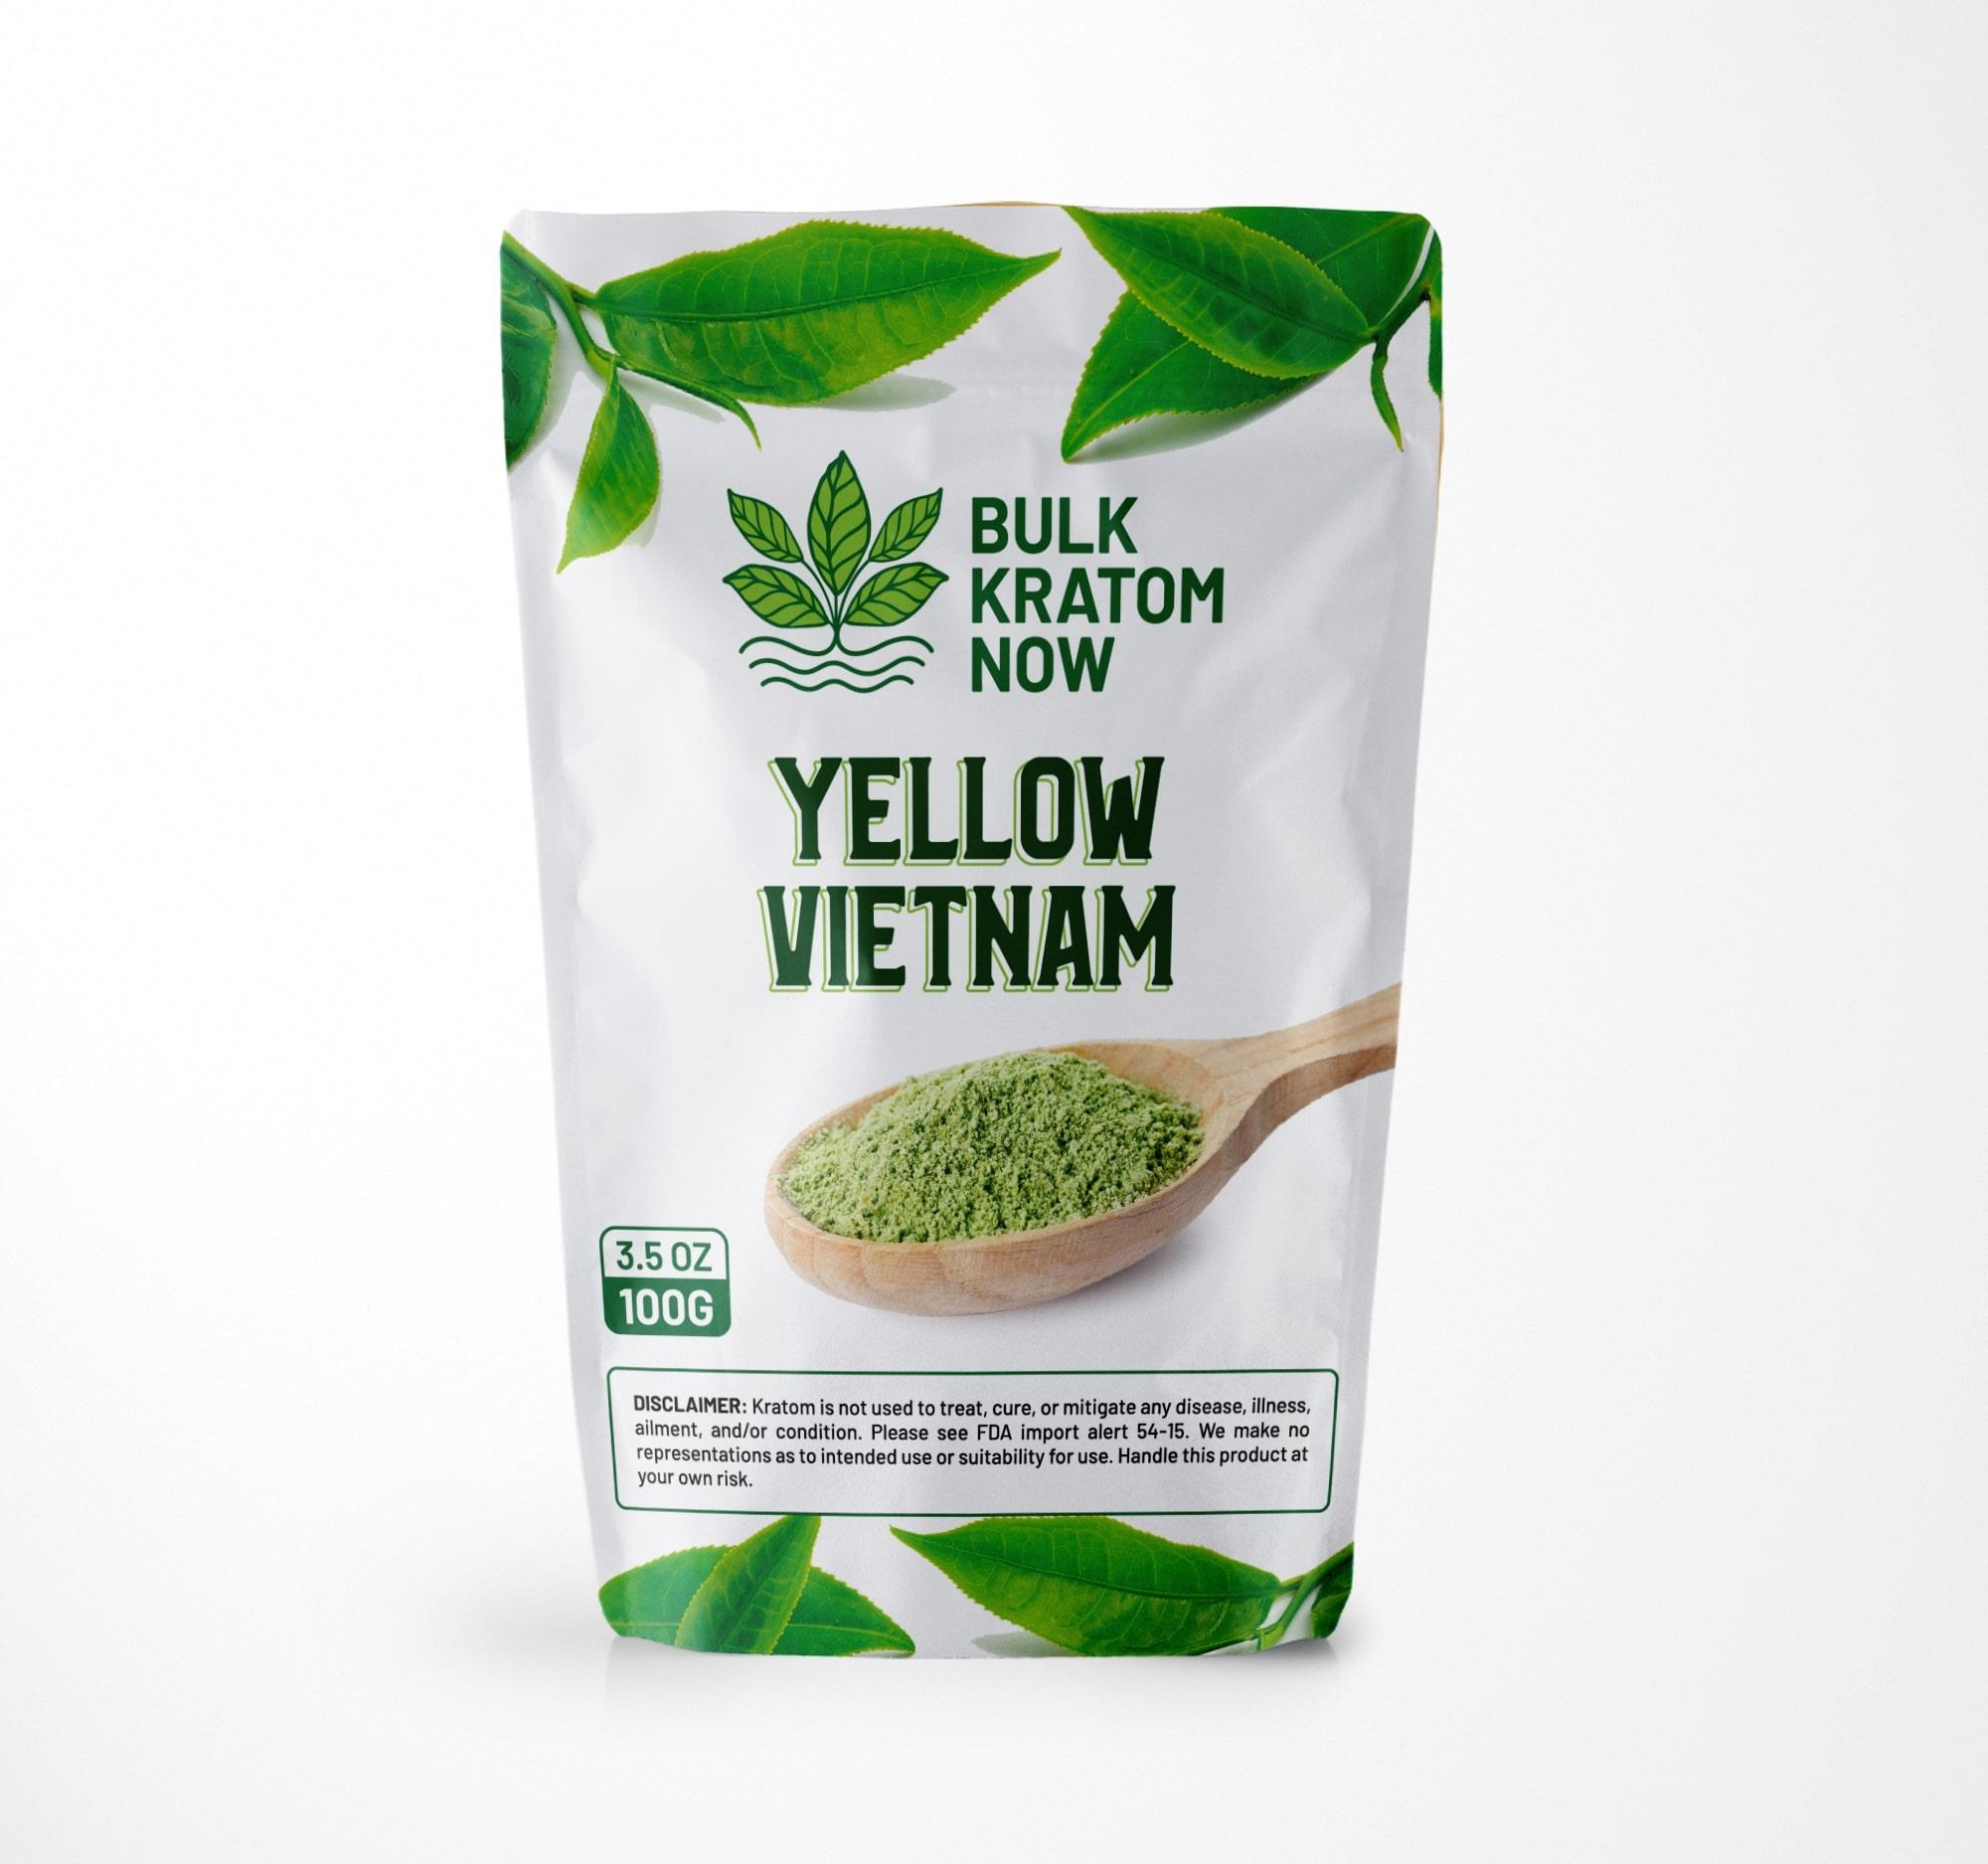 Yellow Vietnam Bulk Kratom